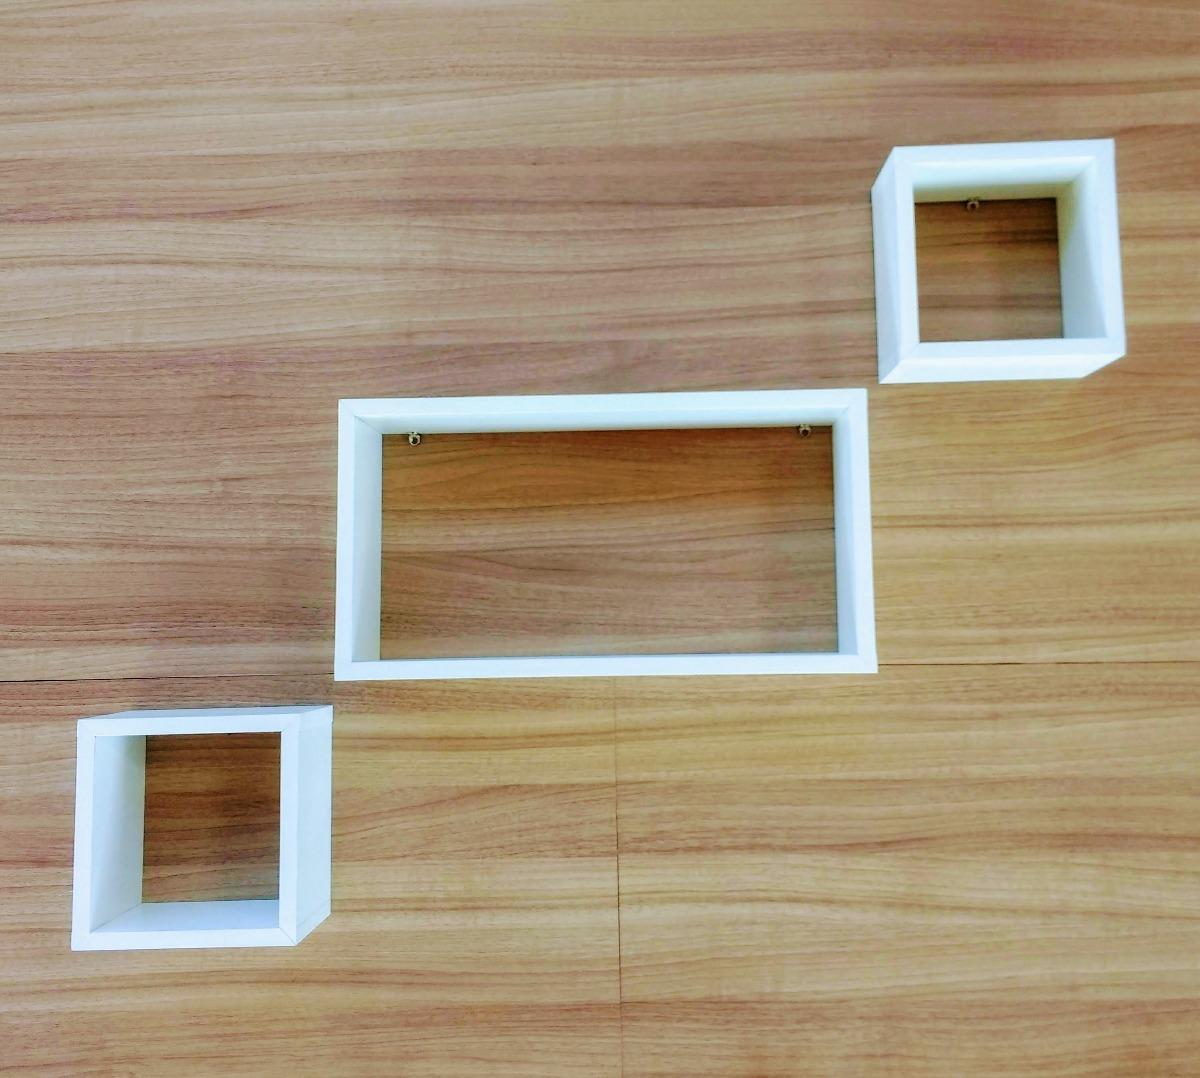 Conjunto de nichos decorativos sala quarto beb mdf for Conjunto de espejos decorativos